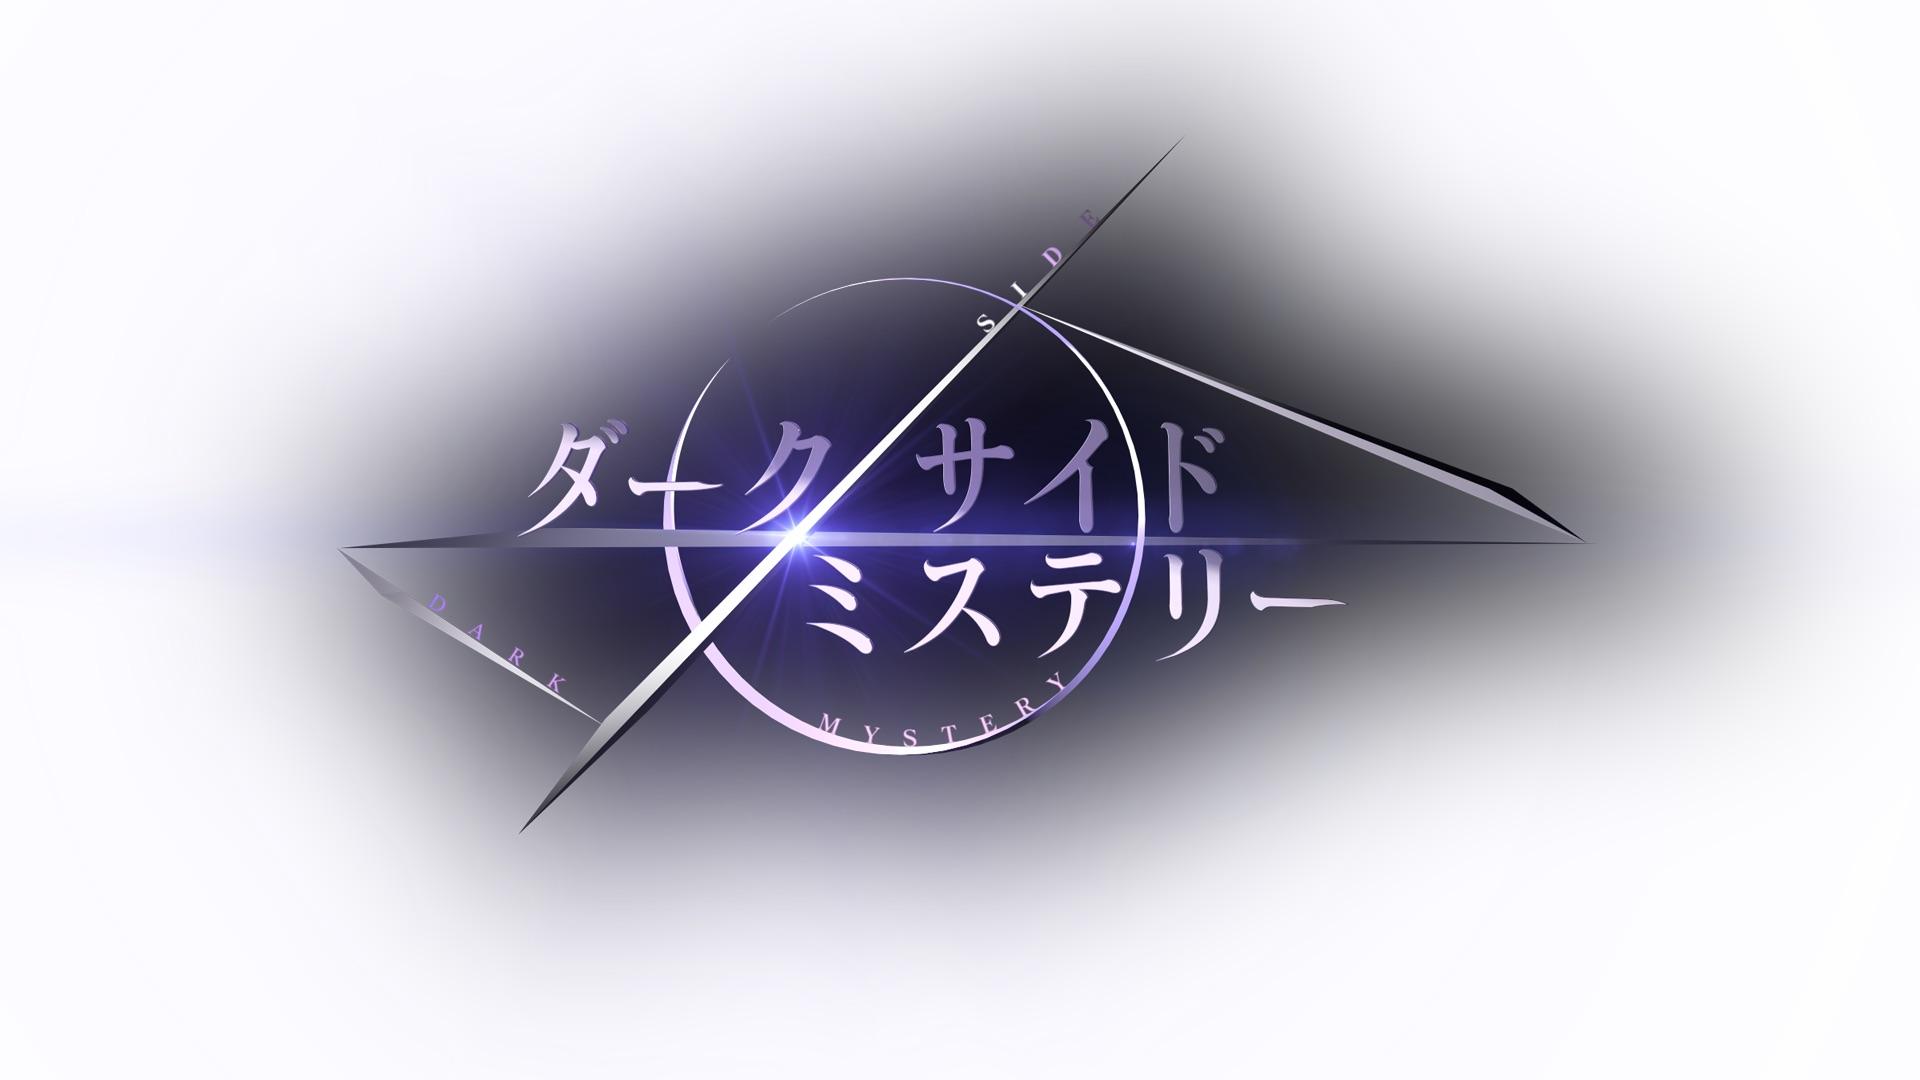 """ダークサイドミステリー「東京・昭和の闇 姿なき爆弾魔""""草加次郎事件""""」"""